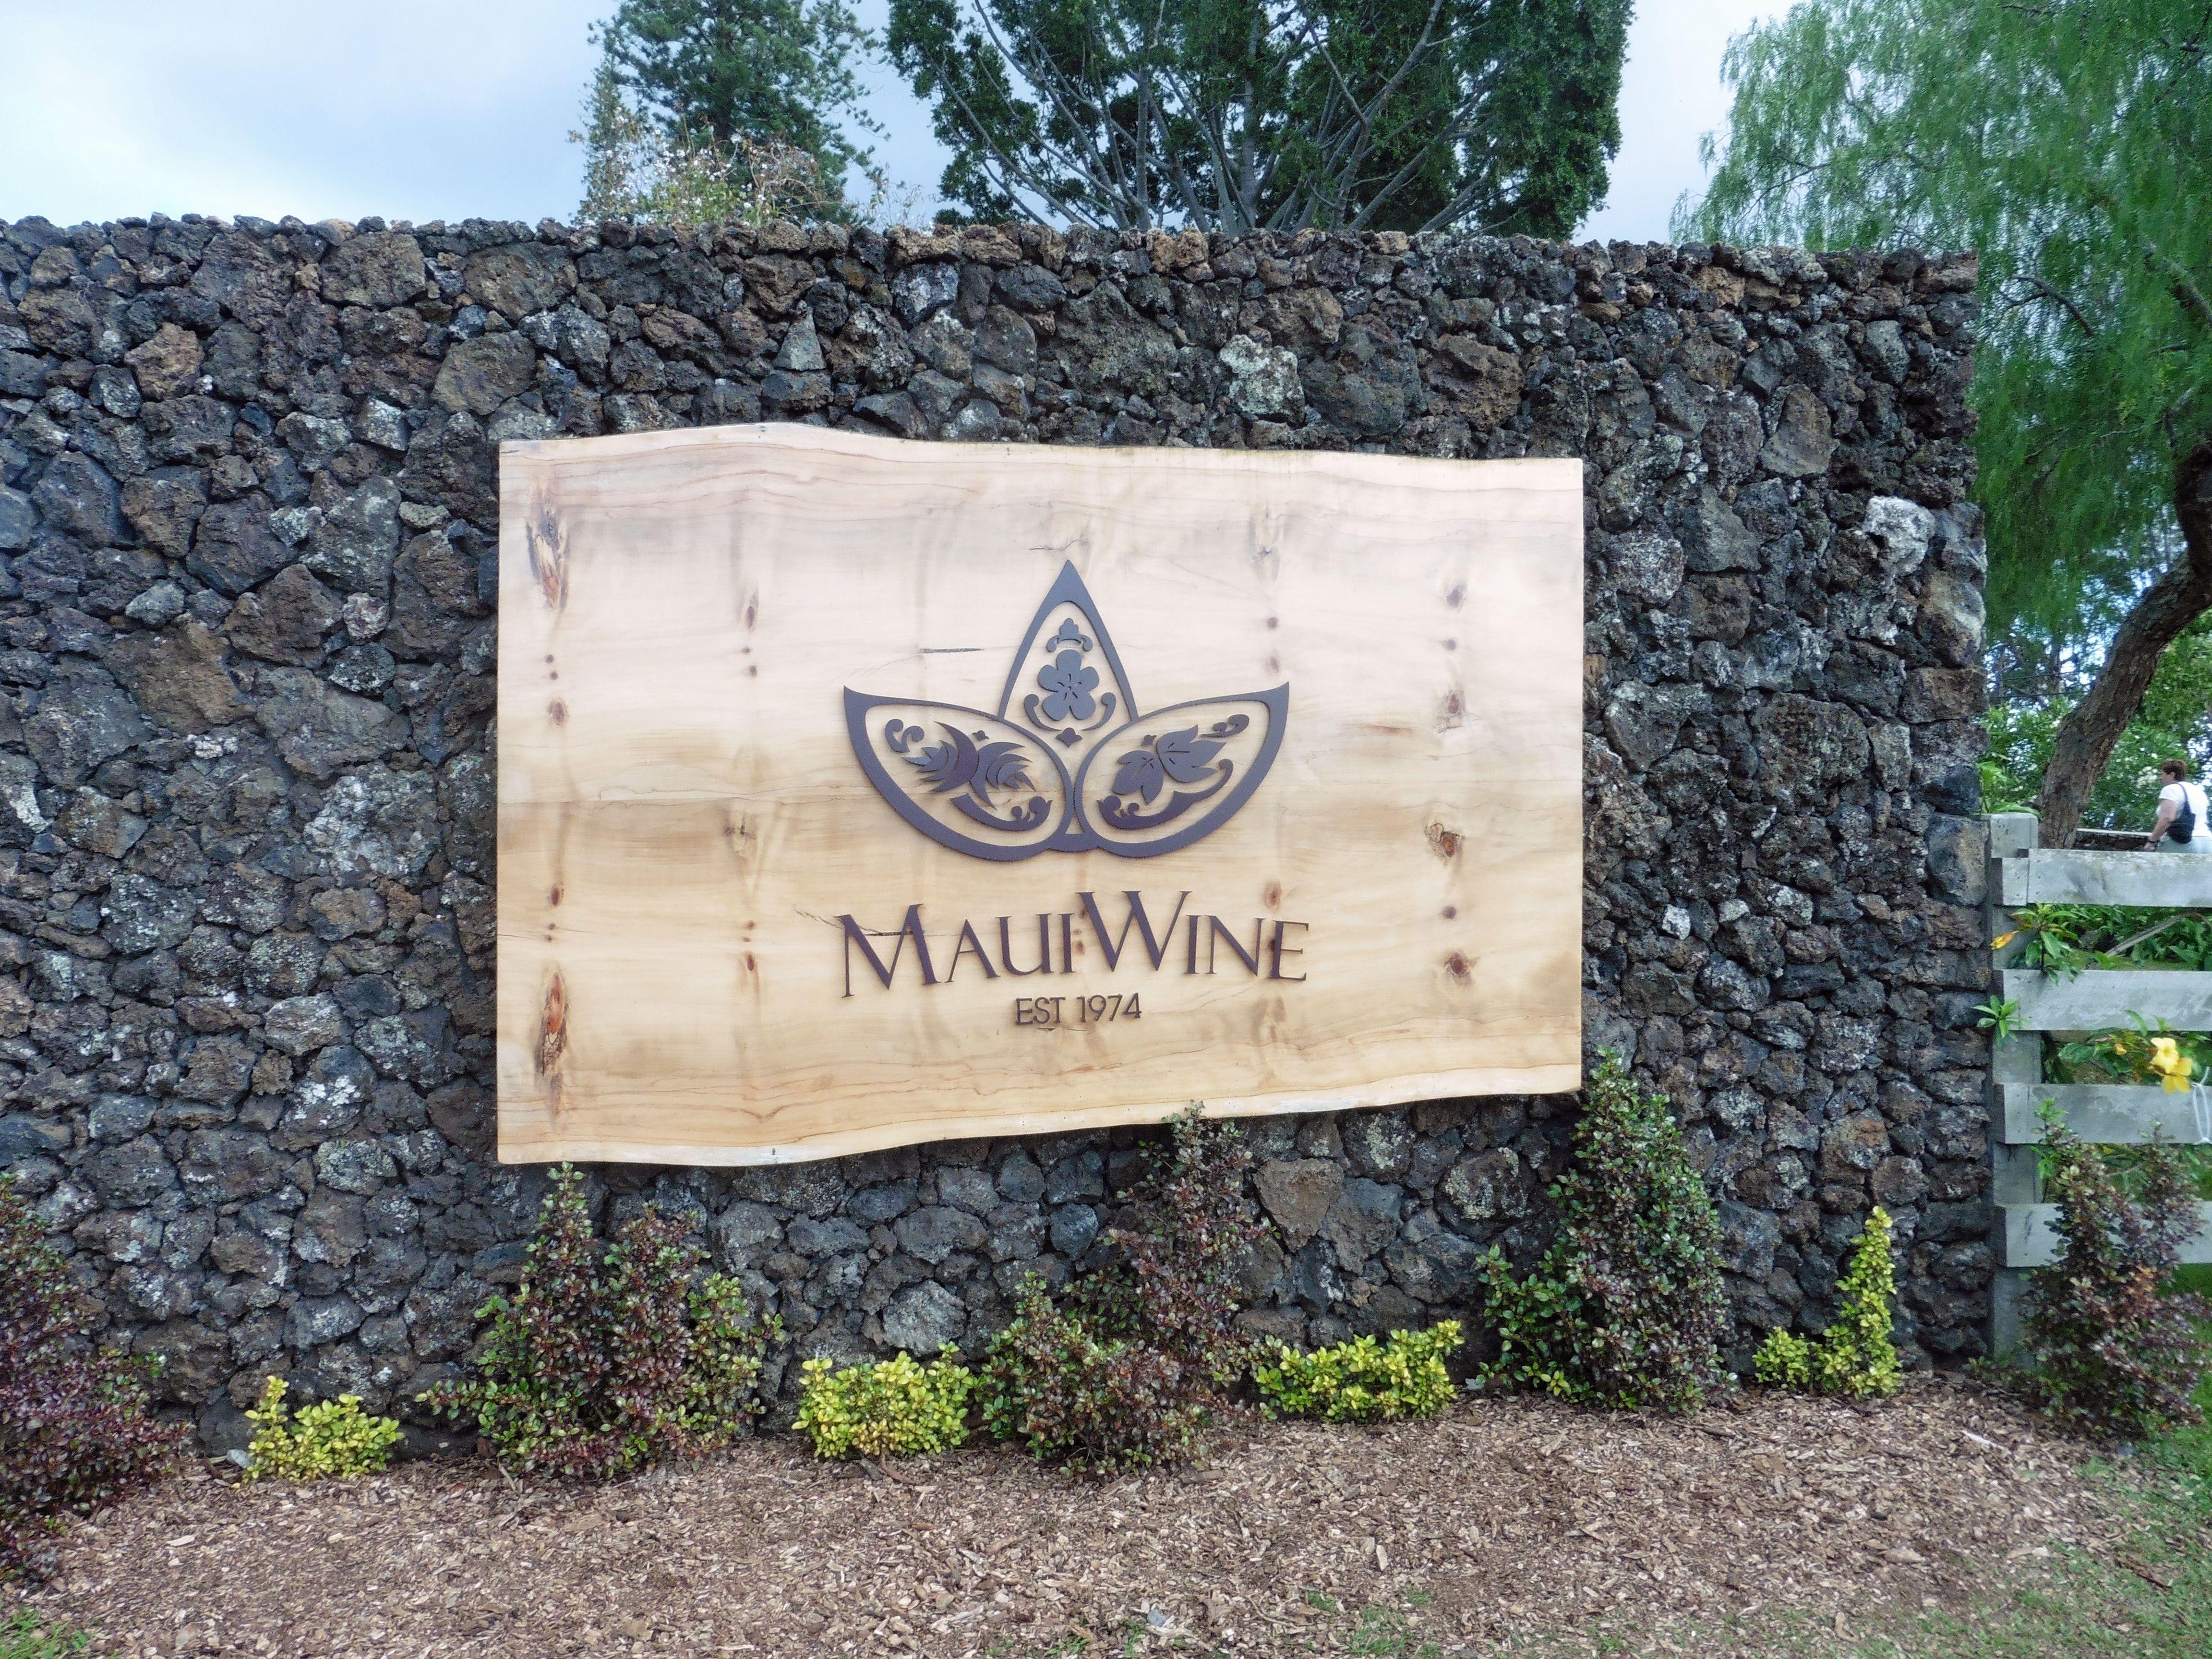 Maui, Havaiji. Maui Wine, Havaijin vanhin ja kuuluisin viinitila sijaitsee Haleakalan rinteillä ʻUlupalakuassa.